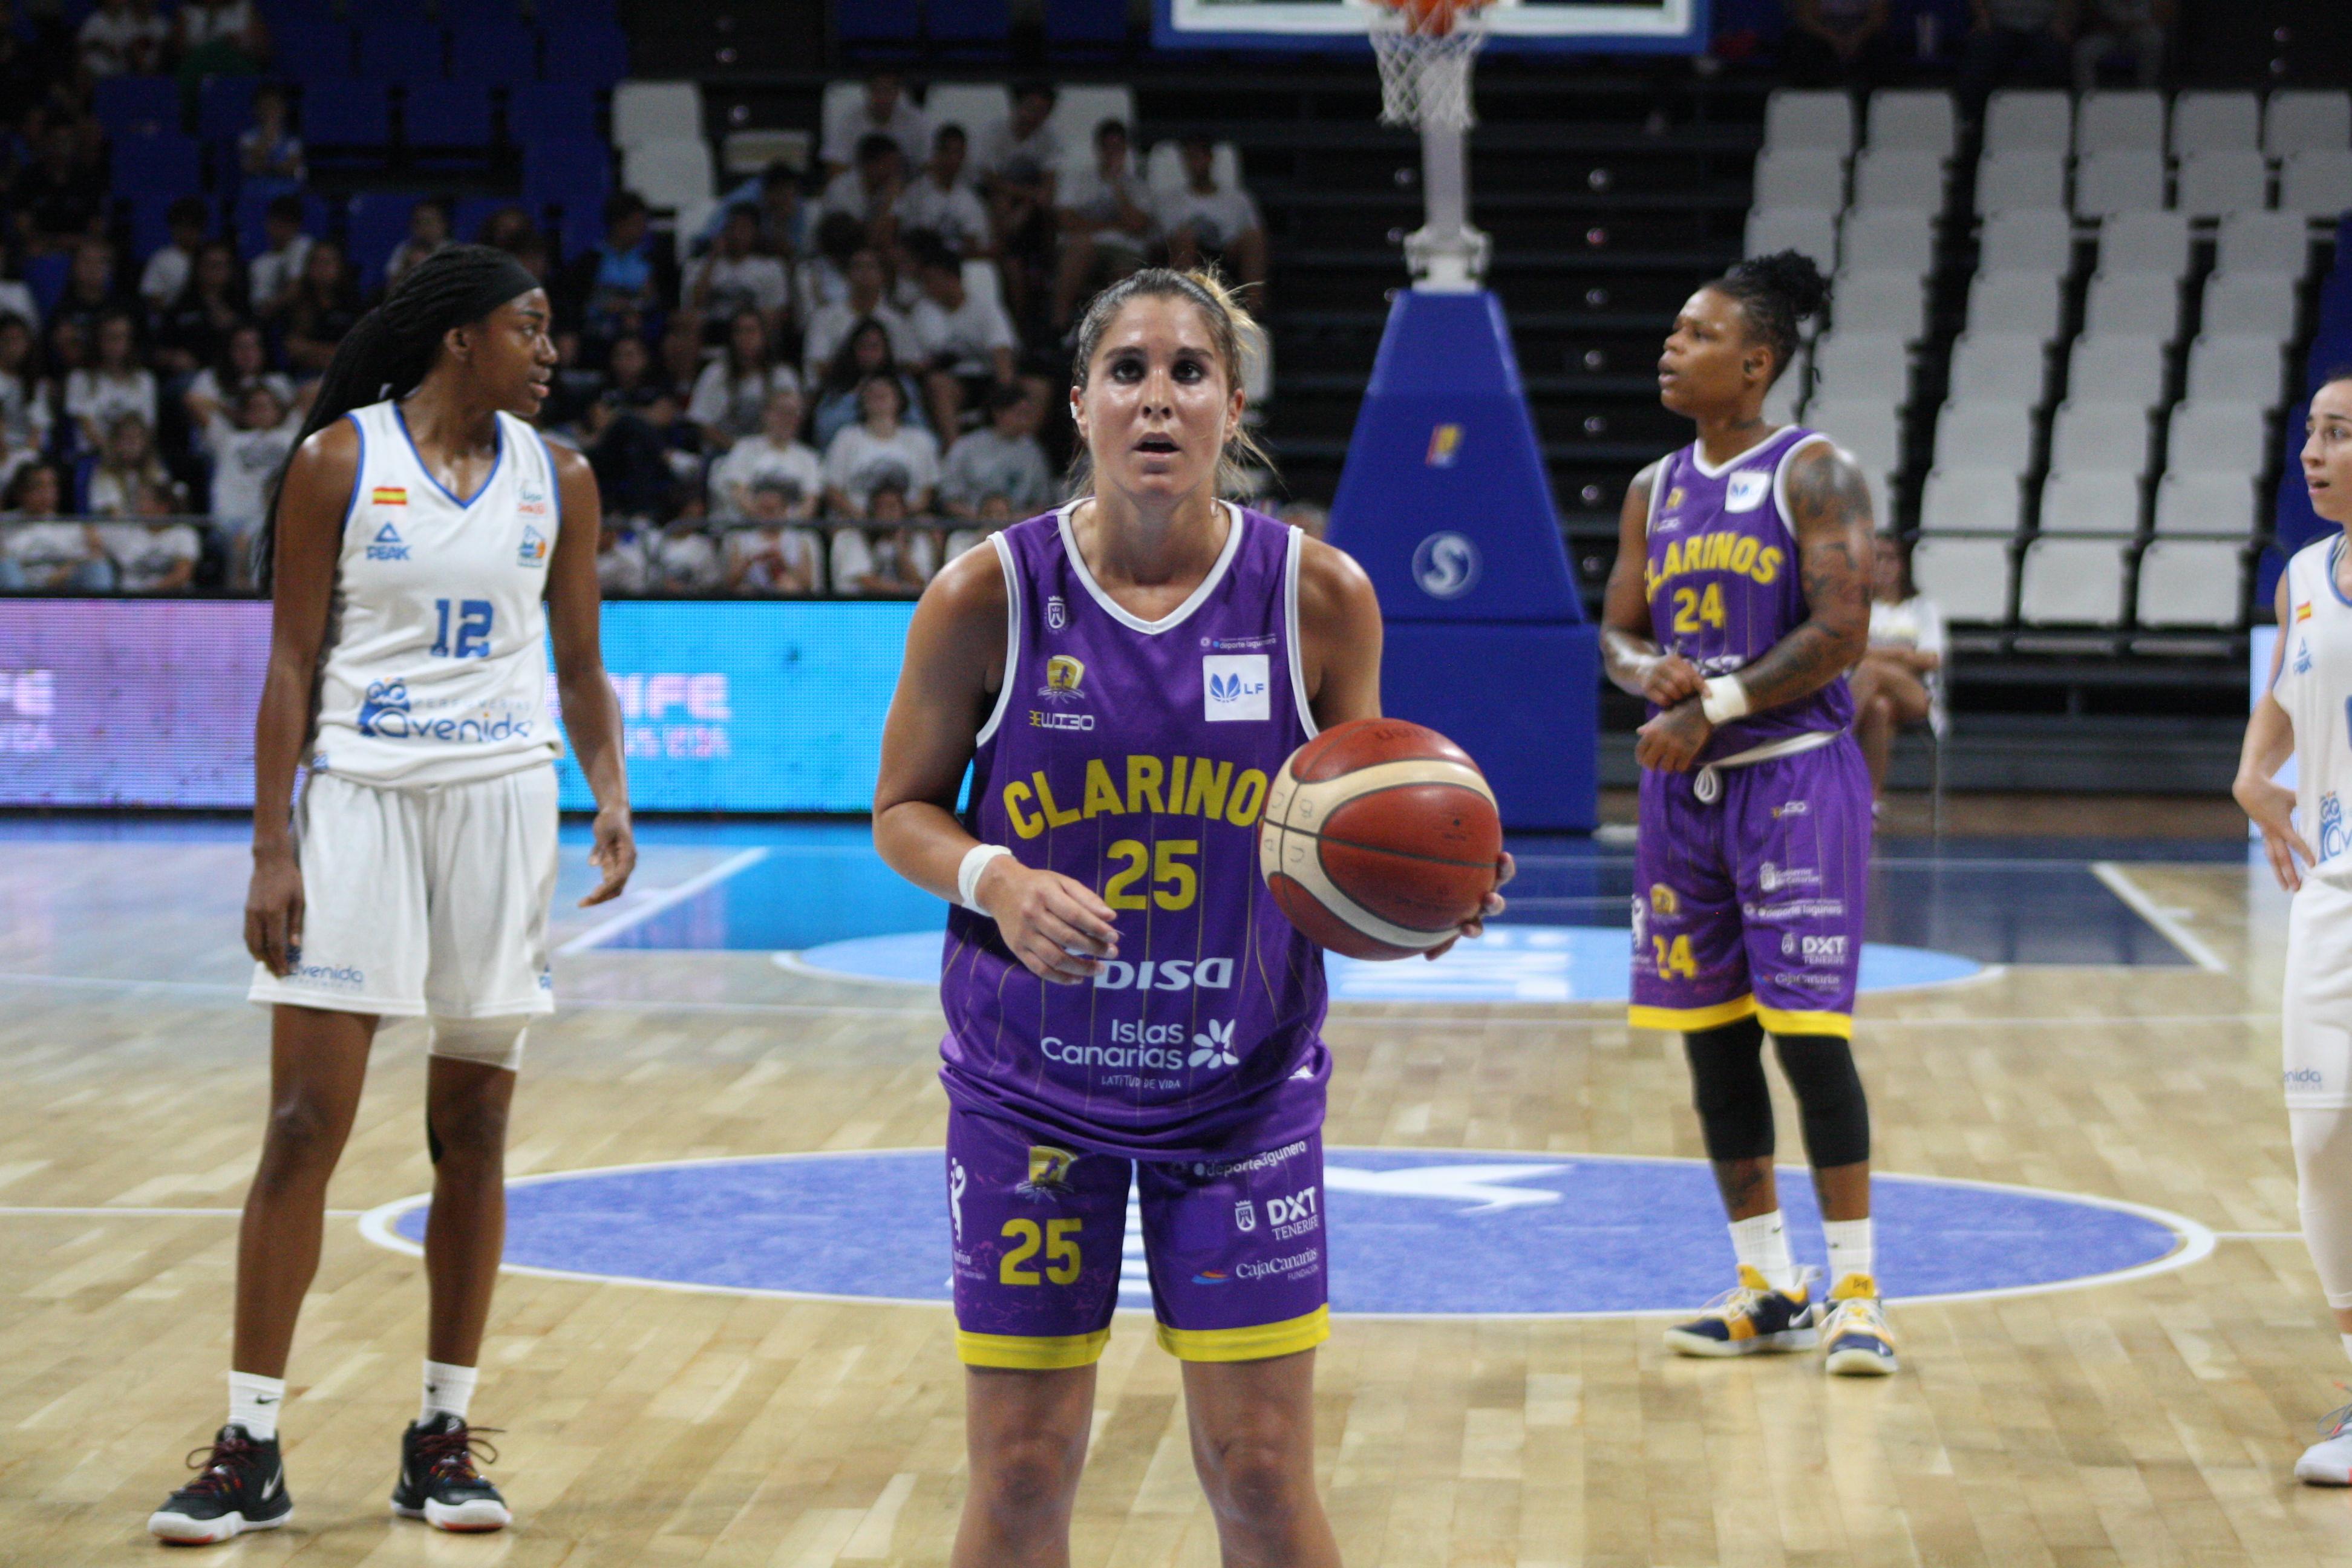 El Adareva de Liga Femenina 2, posible destino de Cristina Pedrals